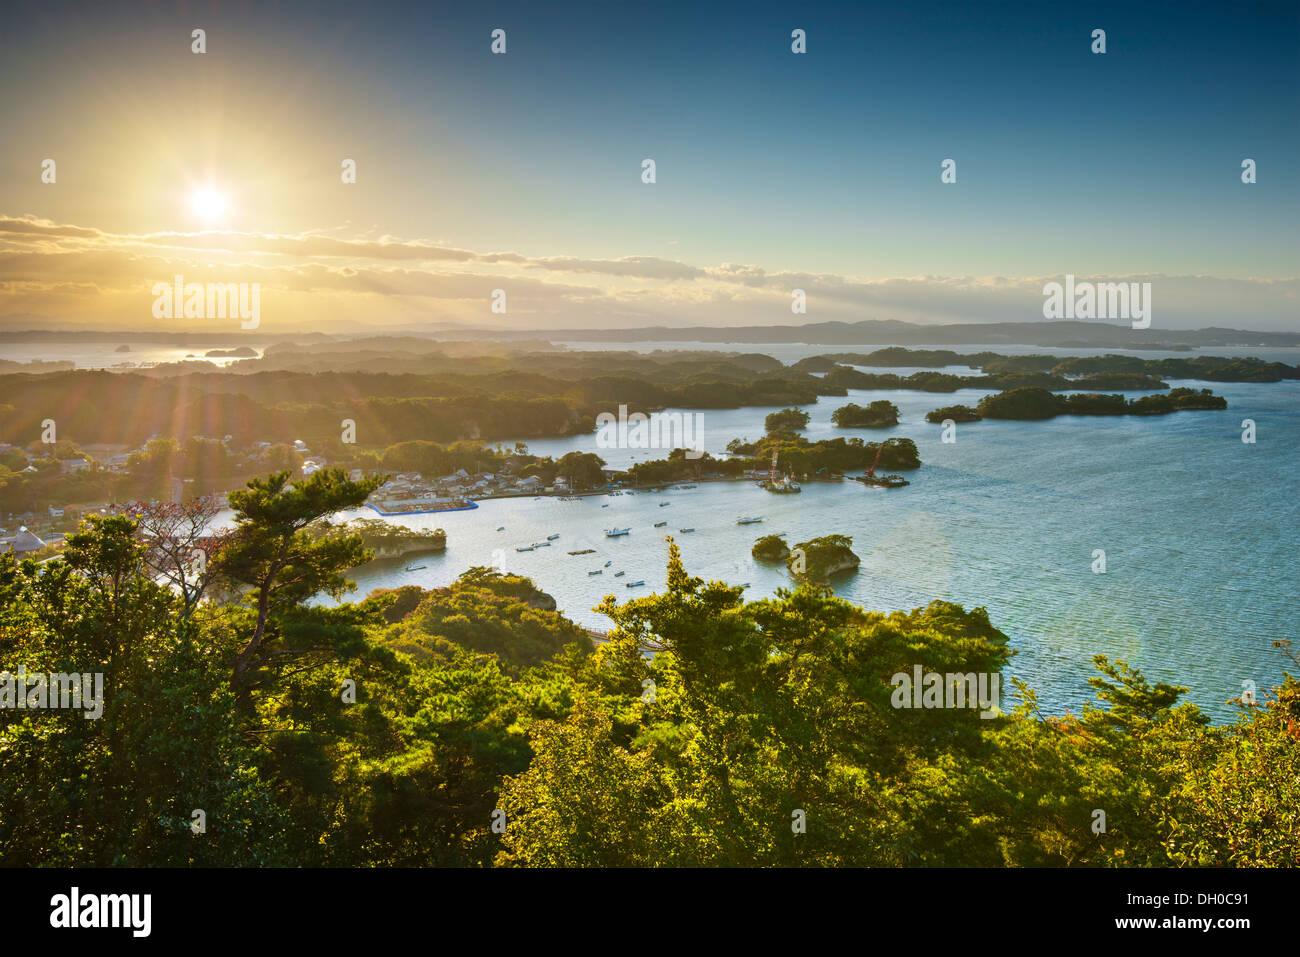 Coast of Matsushima, Japan. - Stock Image